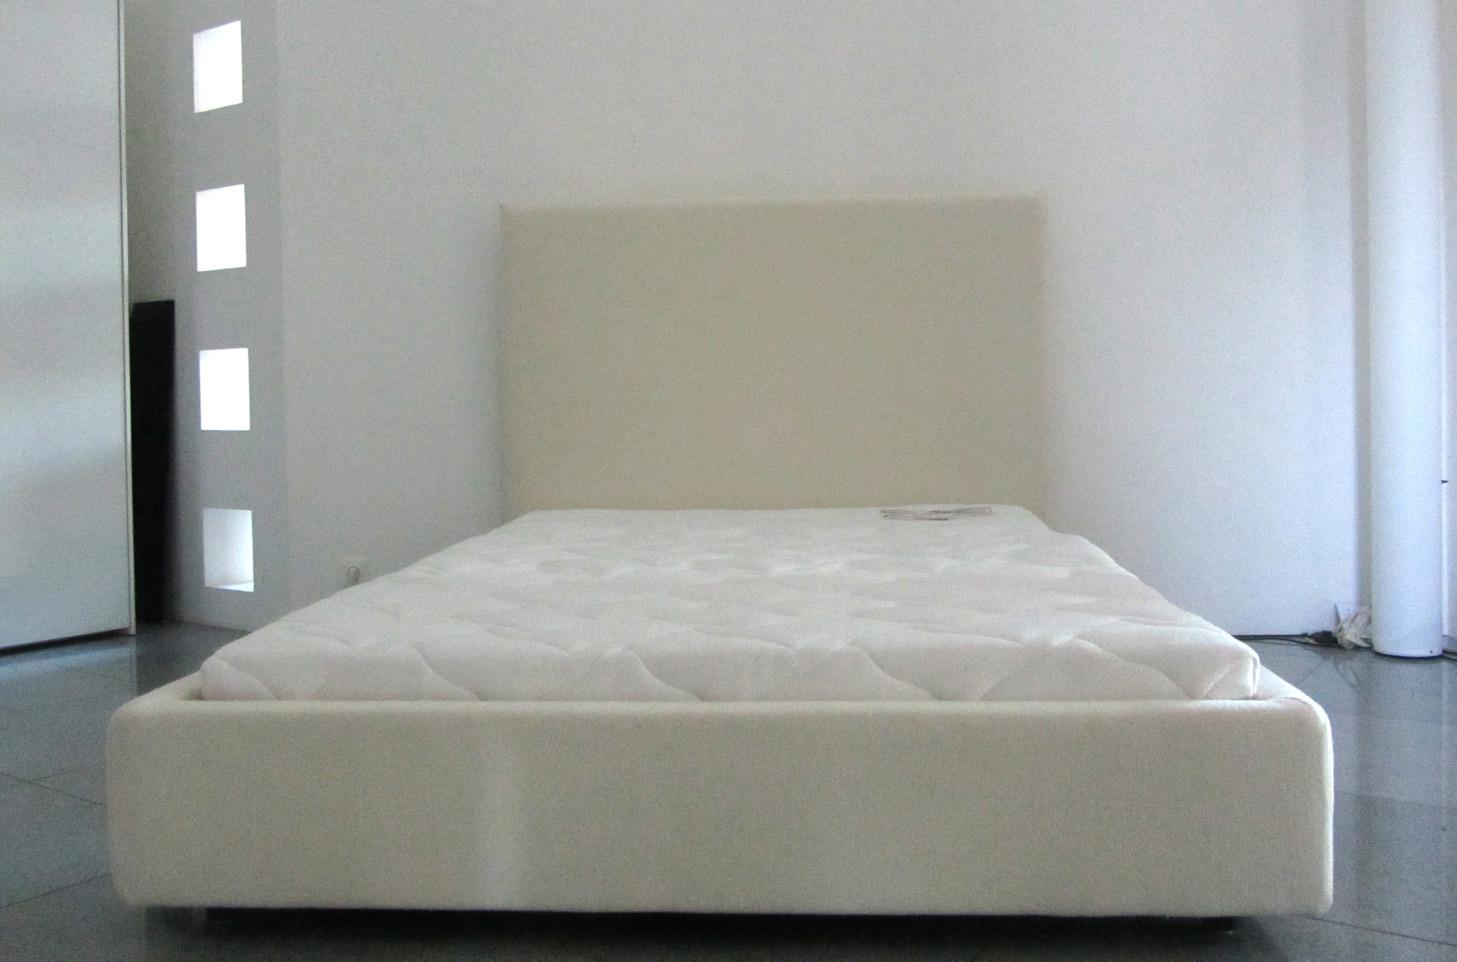 Full Size of Bett Ausstellungsstück Modernes 180x200 Futon Betten Weiß Weißes 160x200 Lattenrost Bonprix Sitzbank Aus Paletten Kaufen Wohnwert Mit Stauraum 140x200 Bett Bett Ausstellungsstück